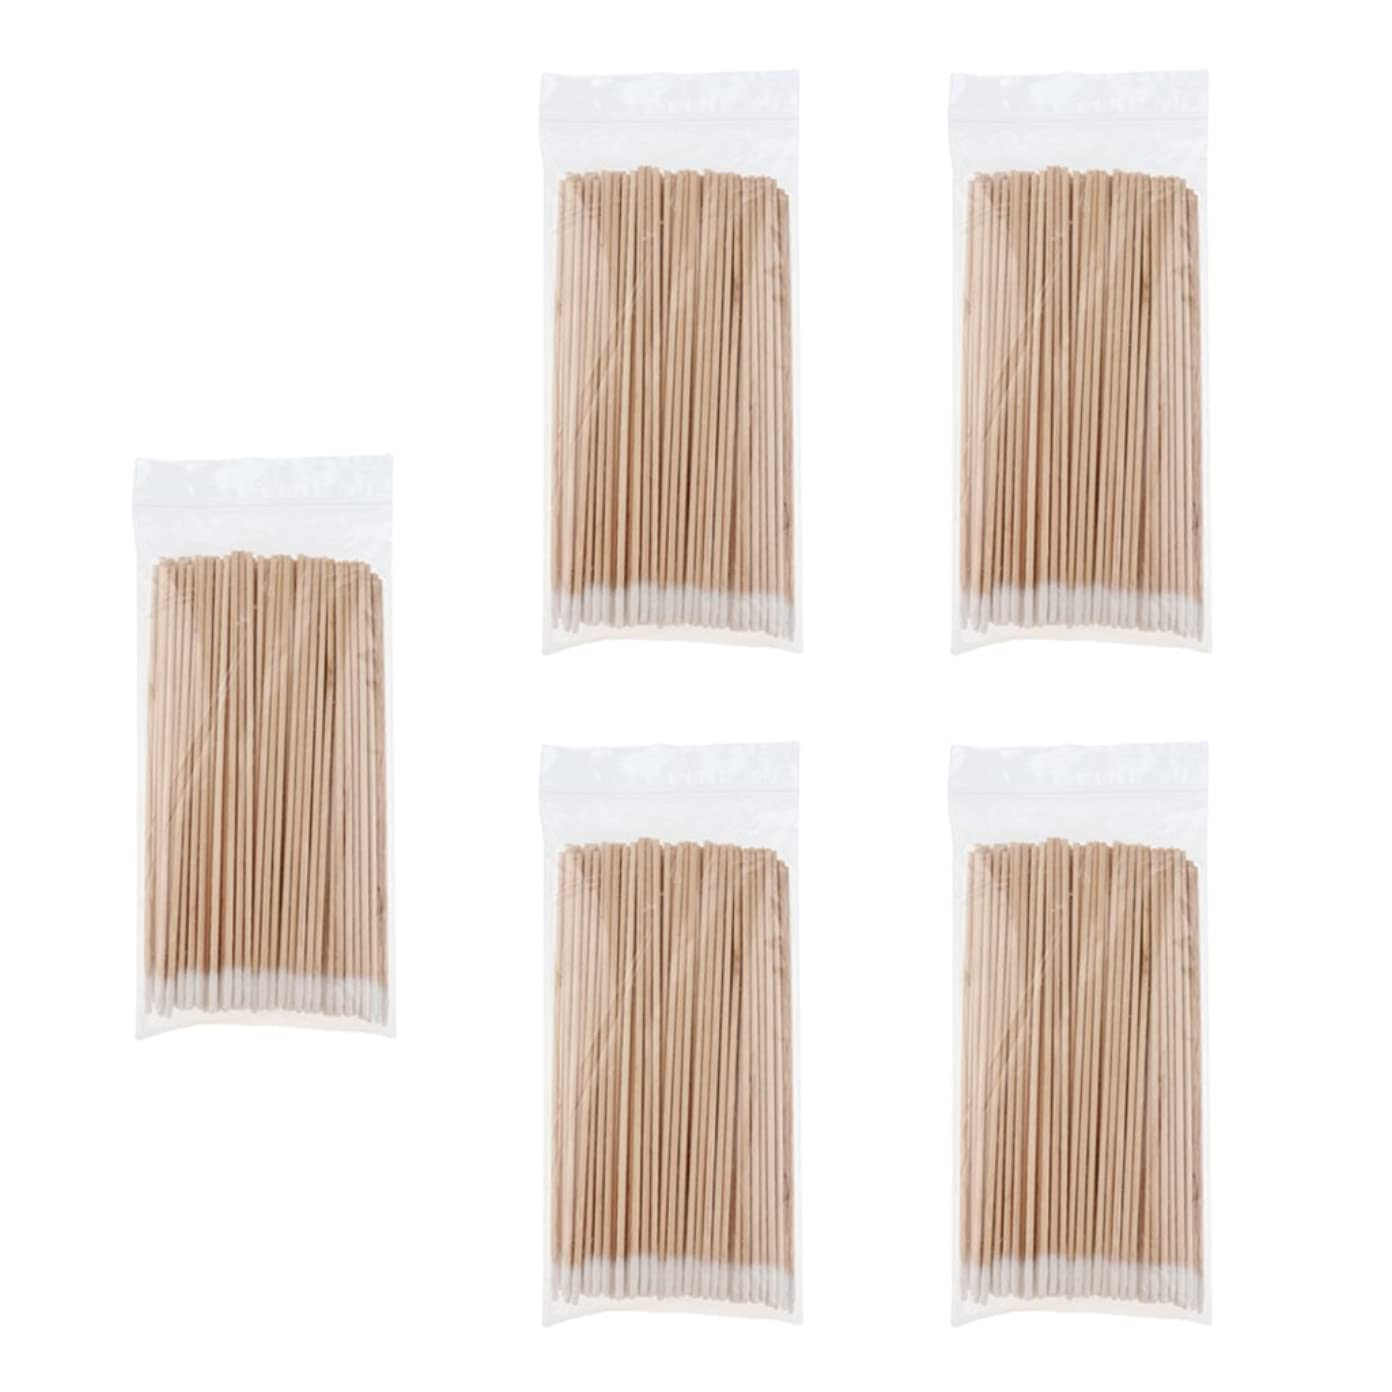 取得するキャビン現在5袋の木製の長いハンドルは、綿棒を指すリムーバークリーン滅菌スティック - 2#